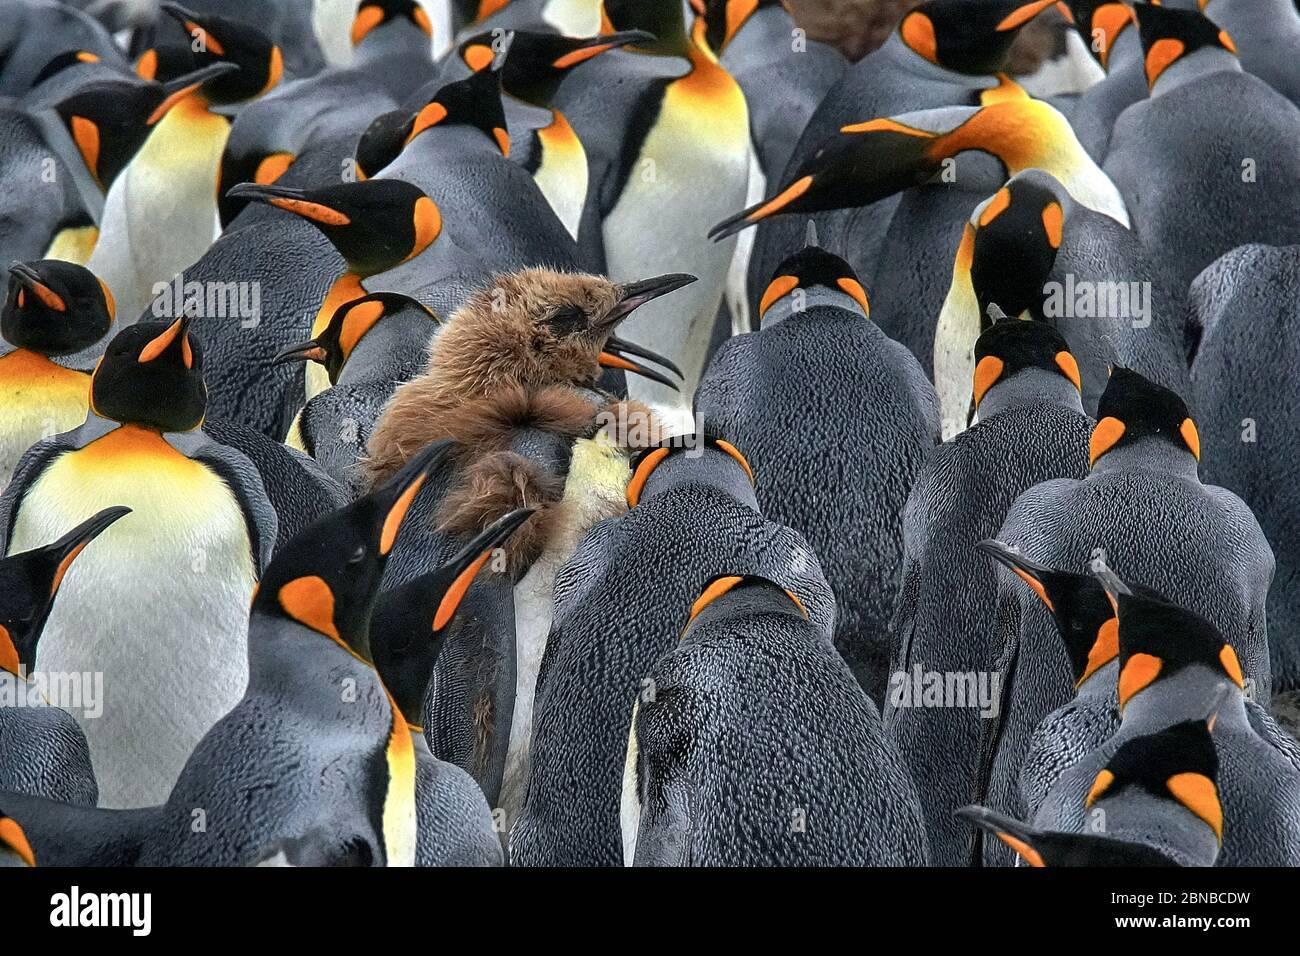 Pingouin royal (Aptenodytes patagonicus), colonie, Antarctique, plaines de Salisbury, crique de Cierva Banque D'Images